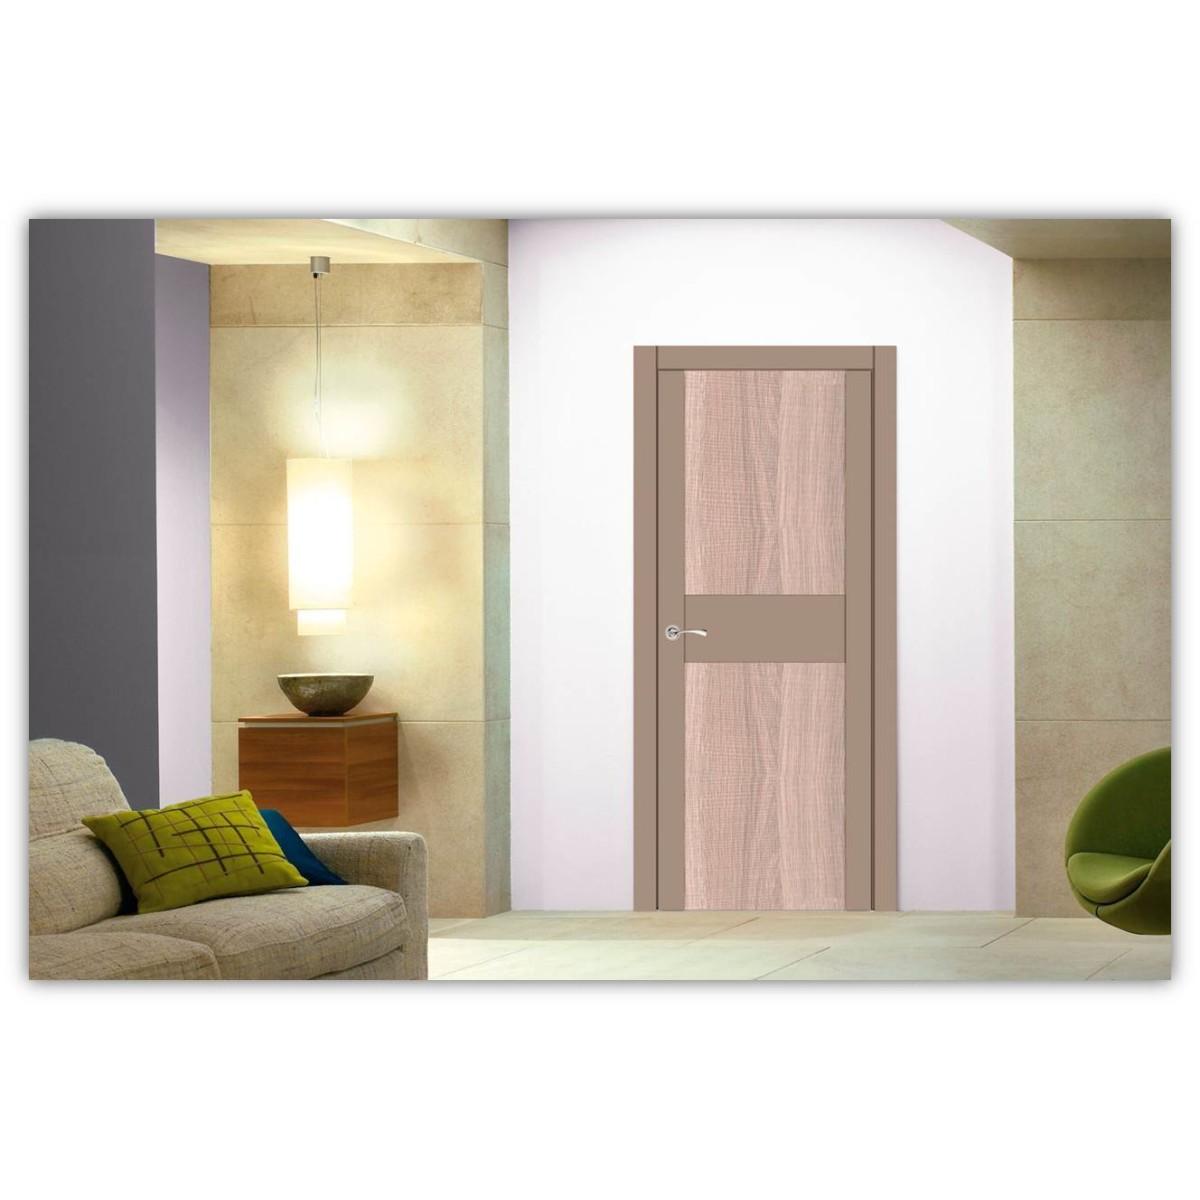 Дверь Межкомнатная Остеклённая Арт Лайн 60x200 Цвет Какао/Холст